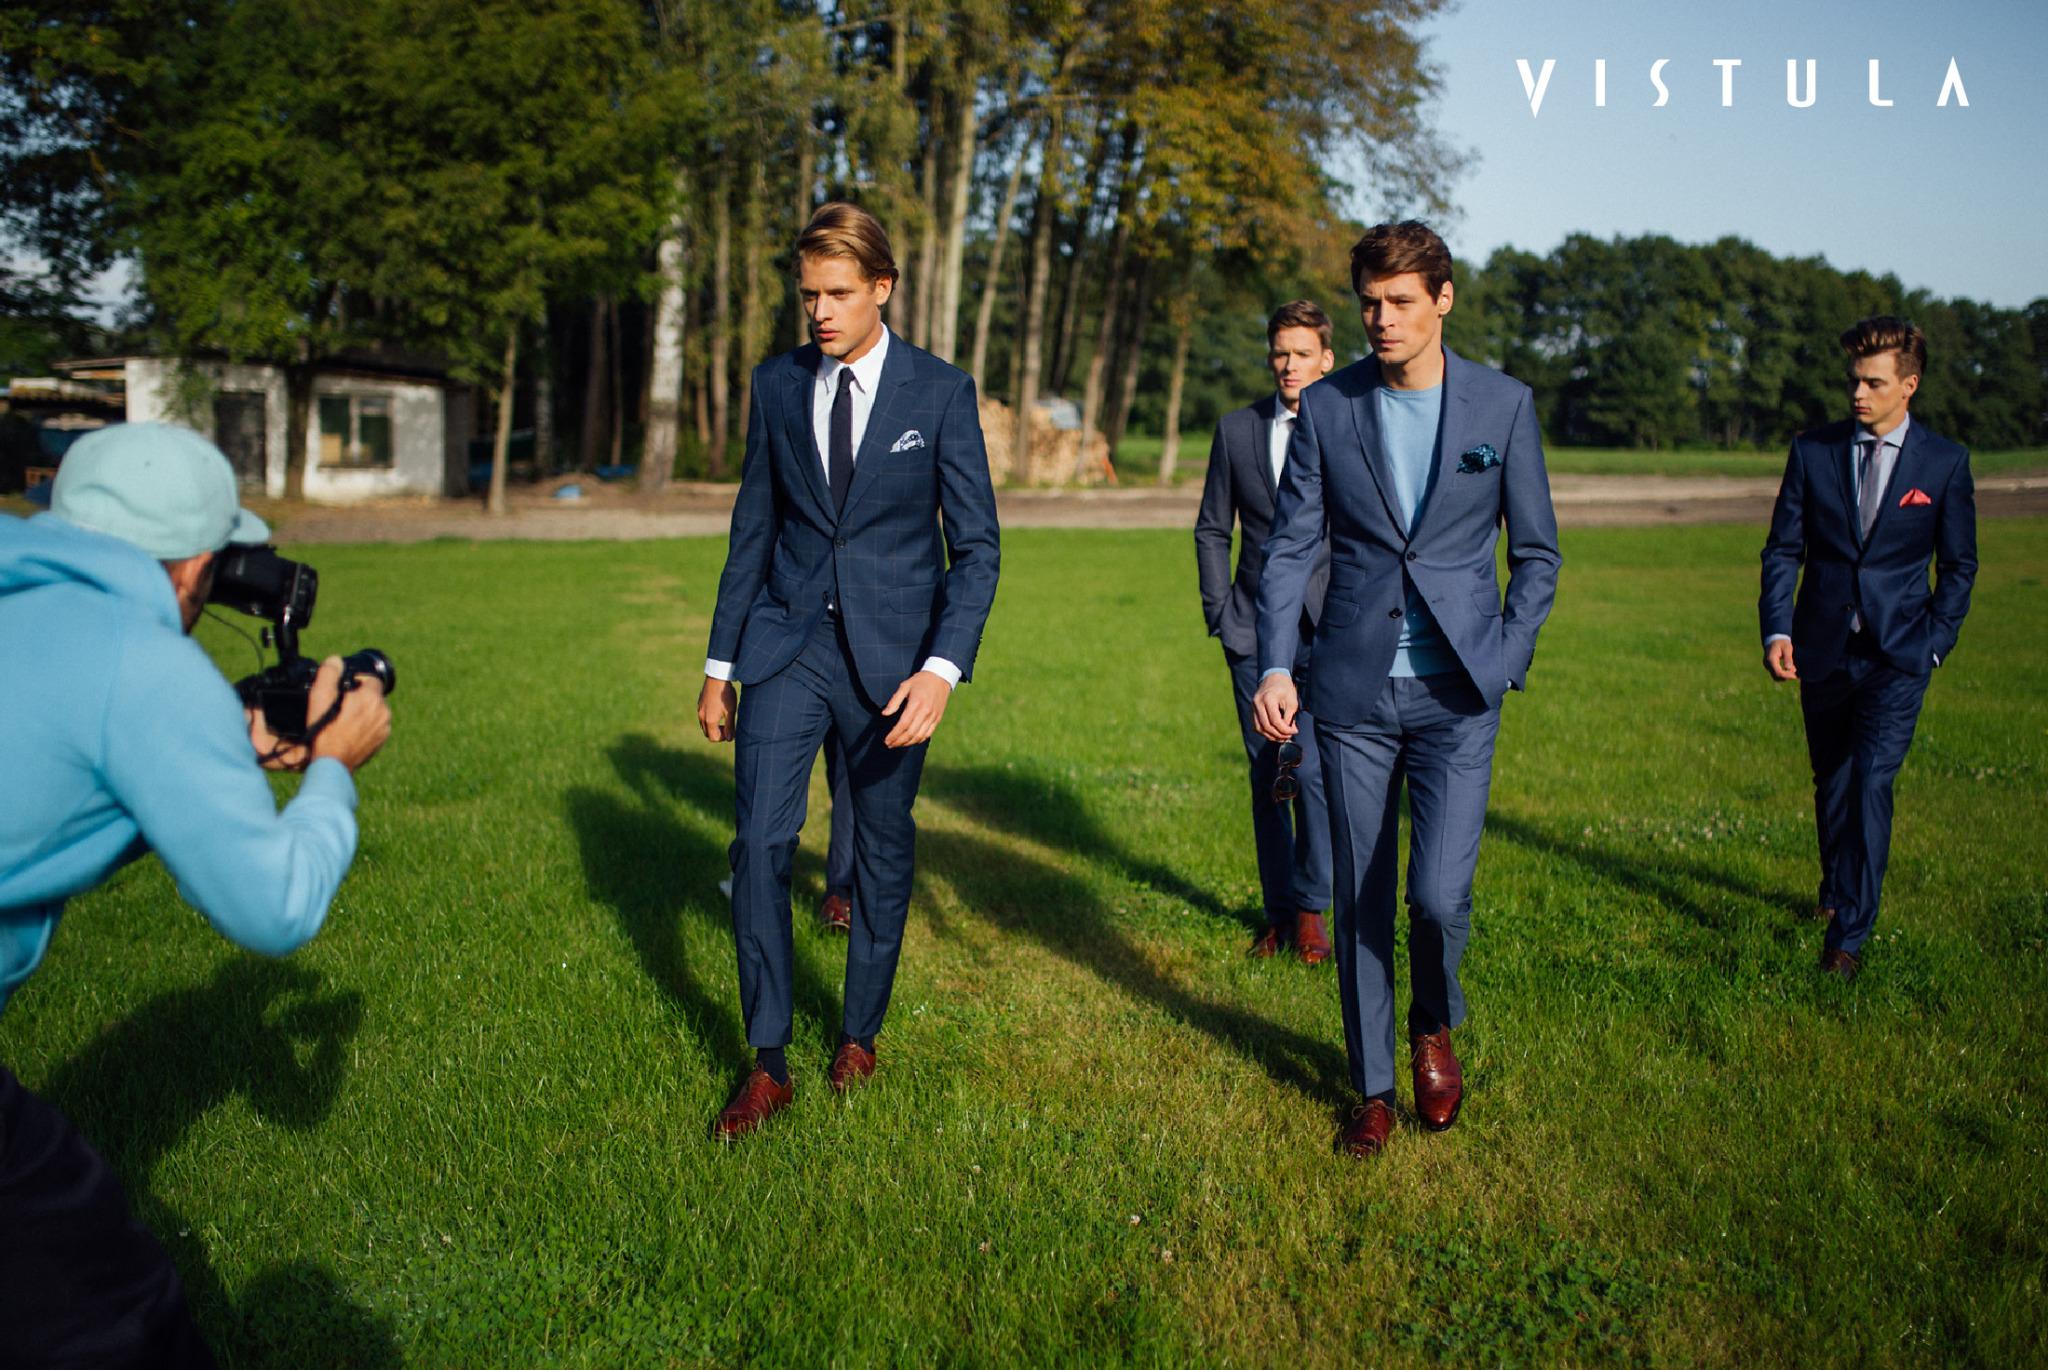 Jakob Kosel w kampanii marki Vistula - kulisy sesji